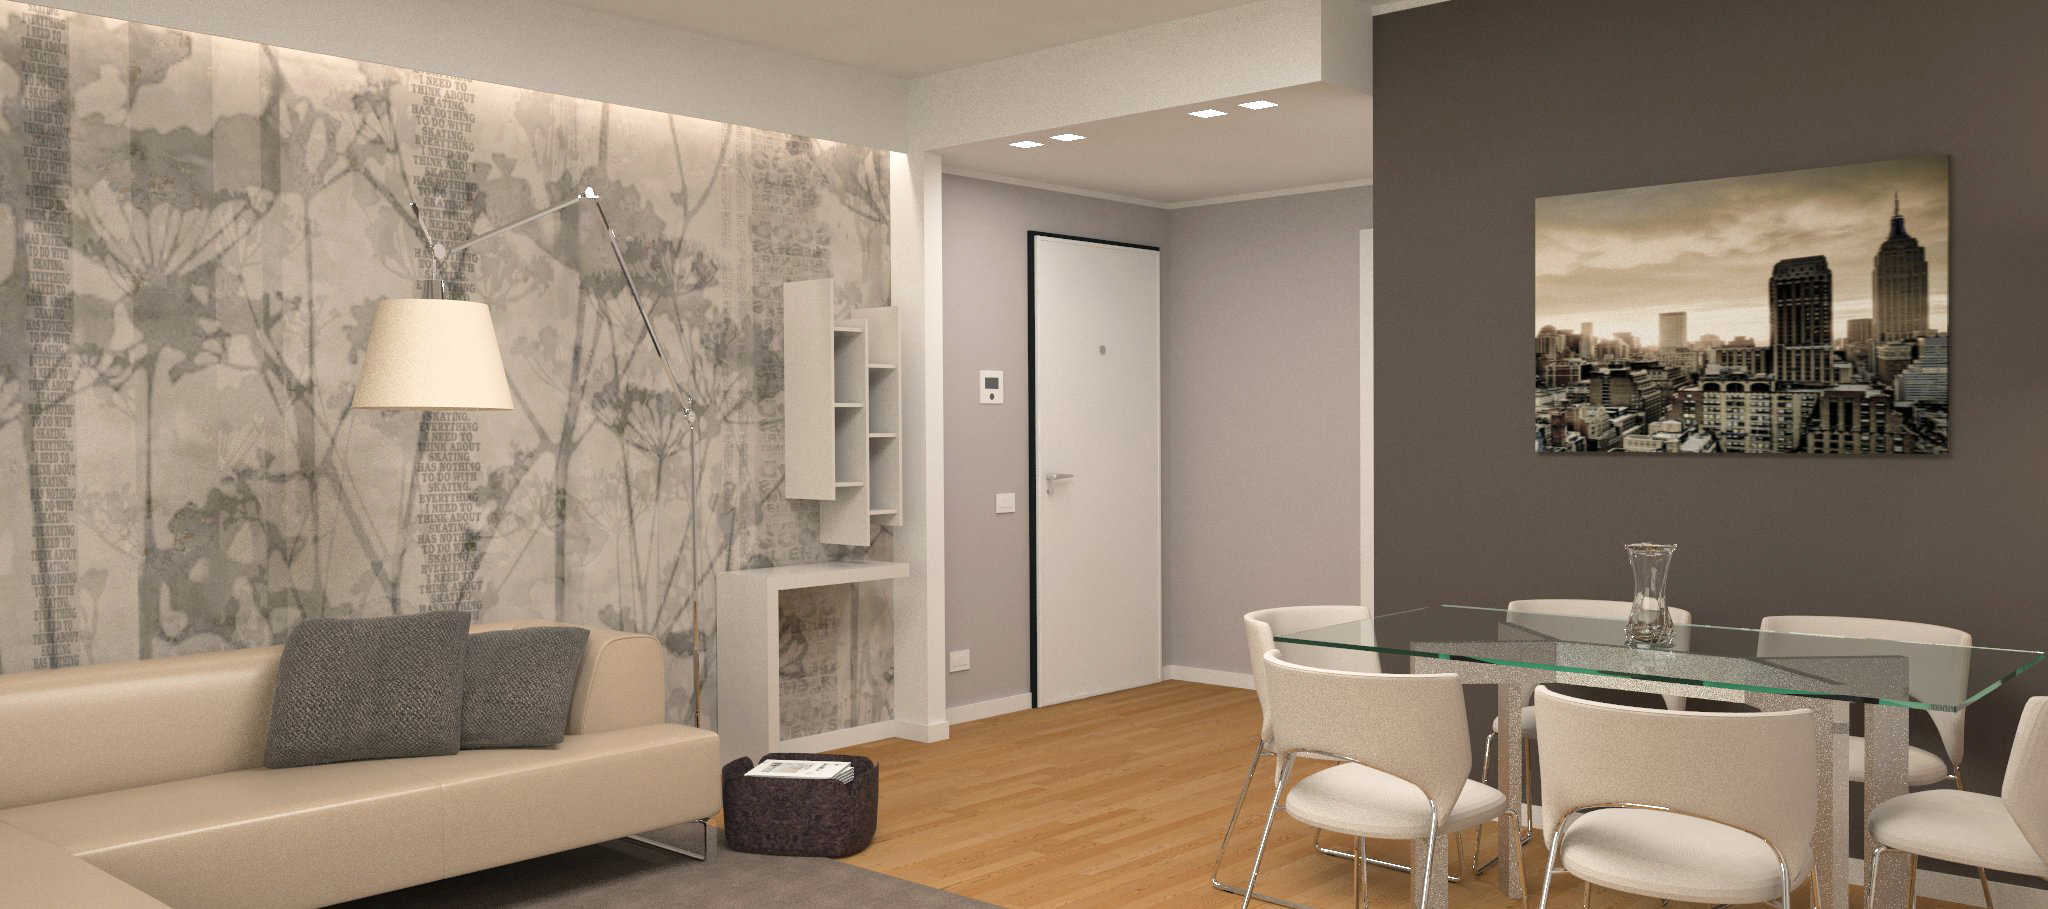 Appartamento privato milano laura lucente architetto for Appartamento design affitto milano